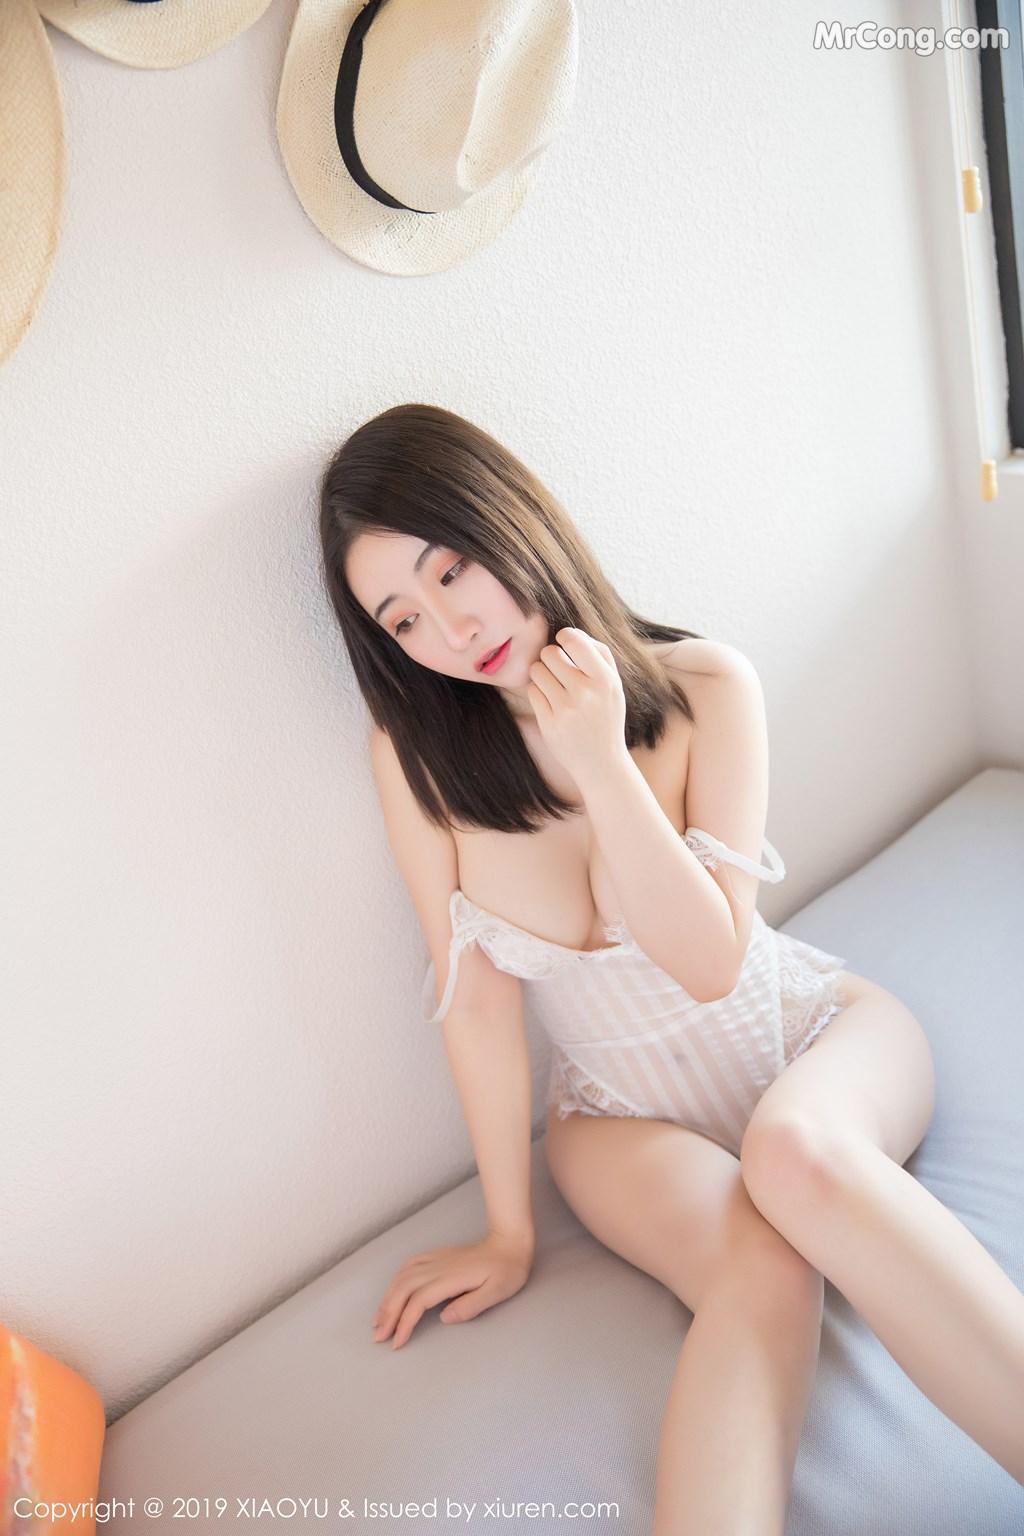 Image XiaoYu-Vol.147-Cherry-MrCong.com-013 in post XiaoYu Vol.147: 绯月樱-Cherry (66 ảnh)